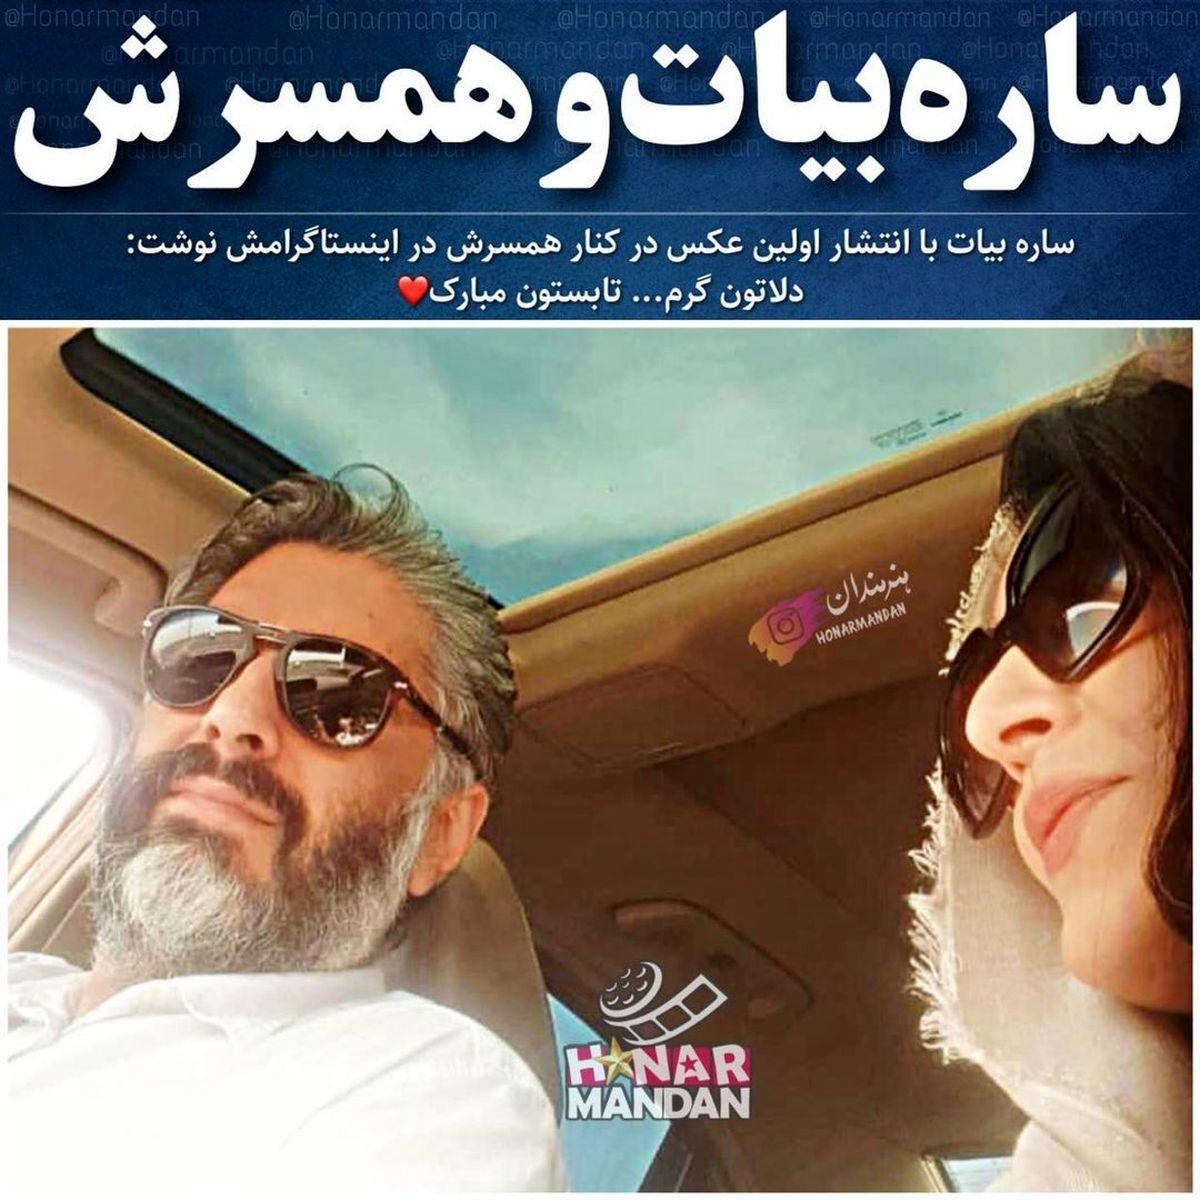 ساره بیات با همسرش در خودروی لاکچریشان+عکس